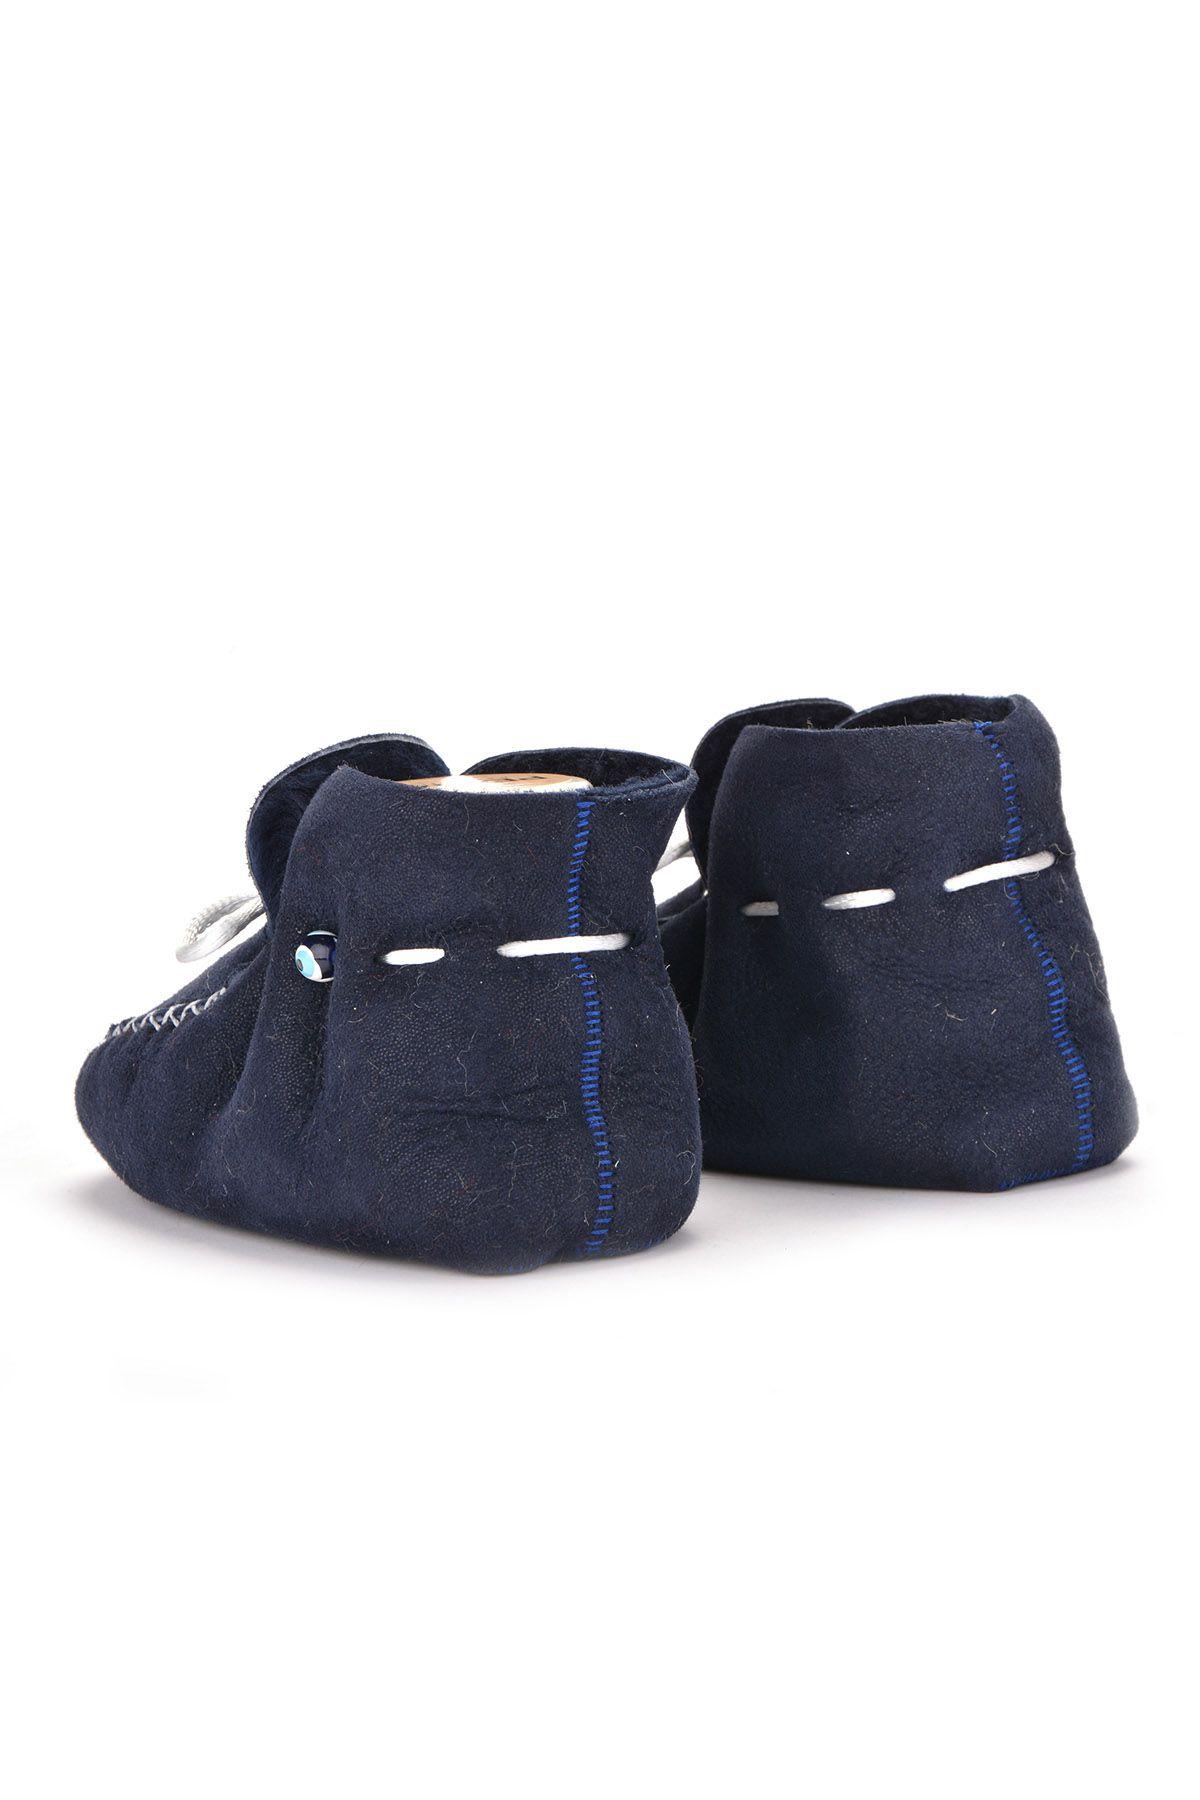 Pegia Hakiki Kürklü Bağcıklı Bebek Patiği 141103 Lacivert